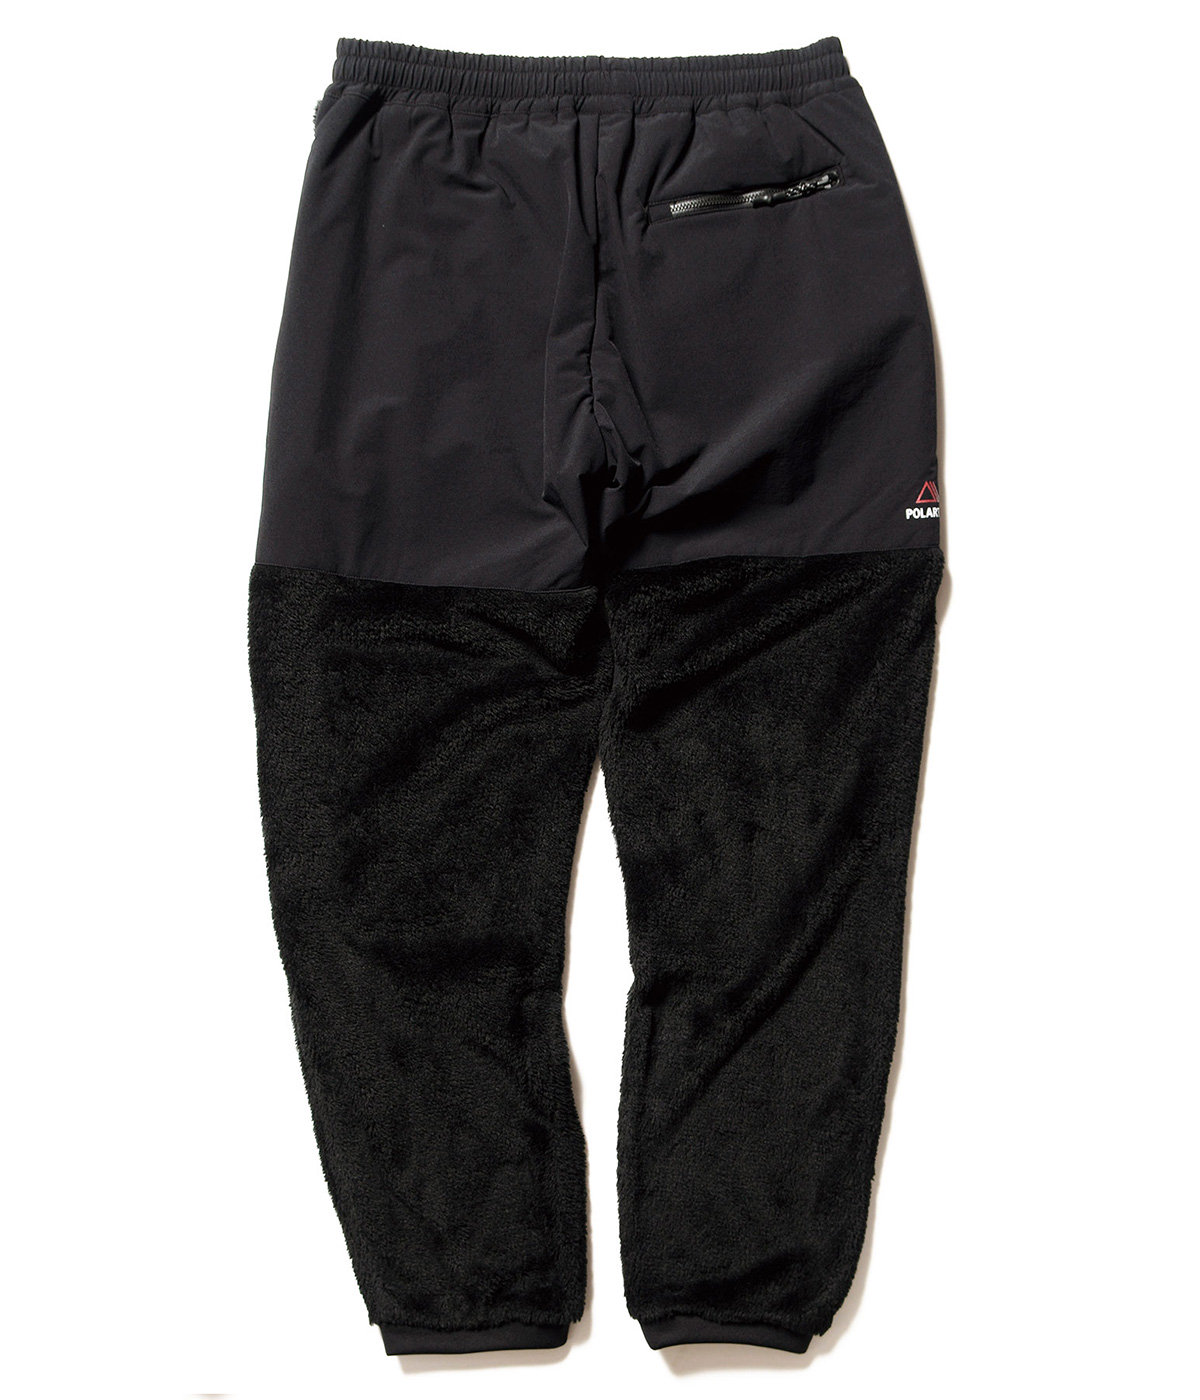 POLARTEC HIGH LOFT PANTS